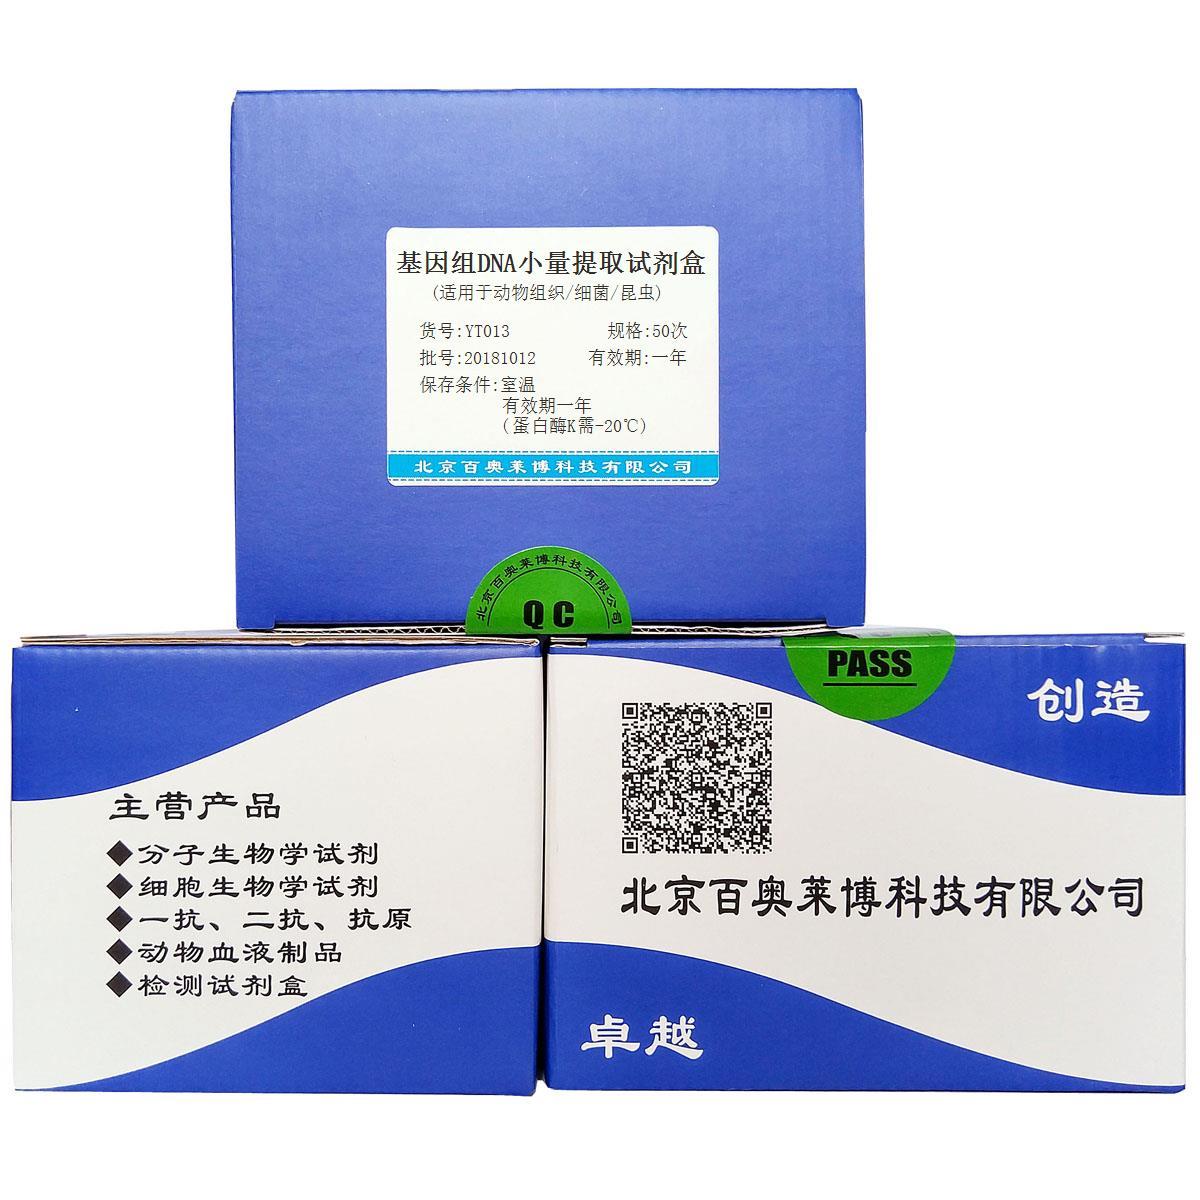 基因组DNA小量提取试剂盒(适用于动物组织/细菌/昆虫)